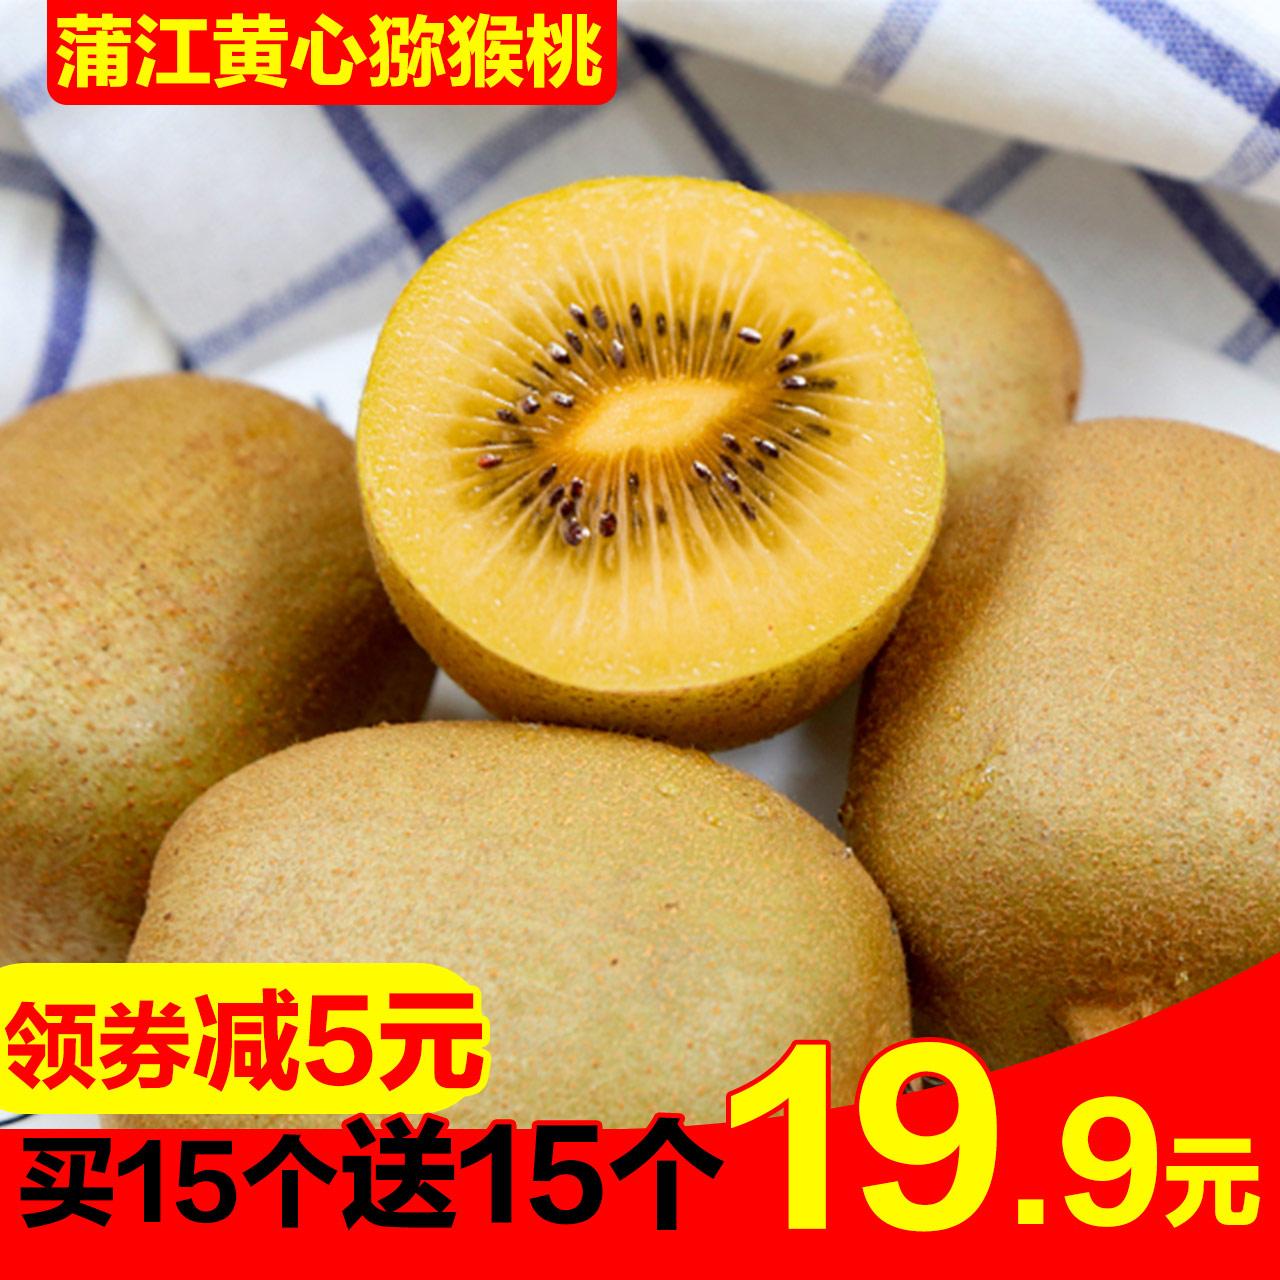 蒲江黄心猕猴桃中大果精品新鲜水果当季四川泥猴桃弥猴桃弥胡桃